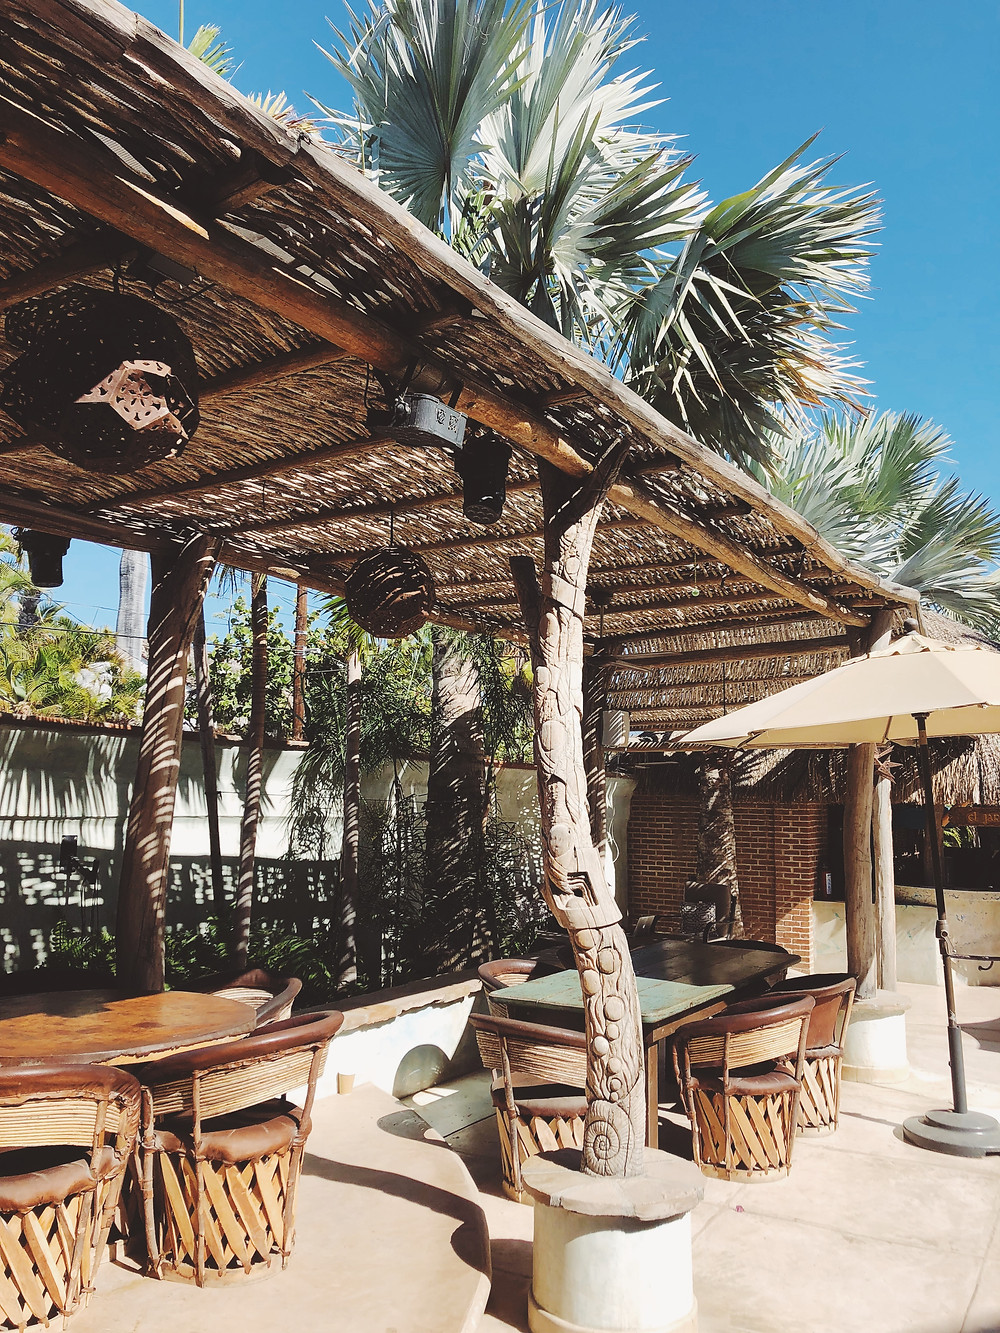 Best Places to Stay in Todos Santos - Emily Katz Travels Todo Santos Mexico - La Esquina